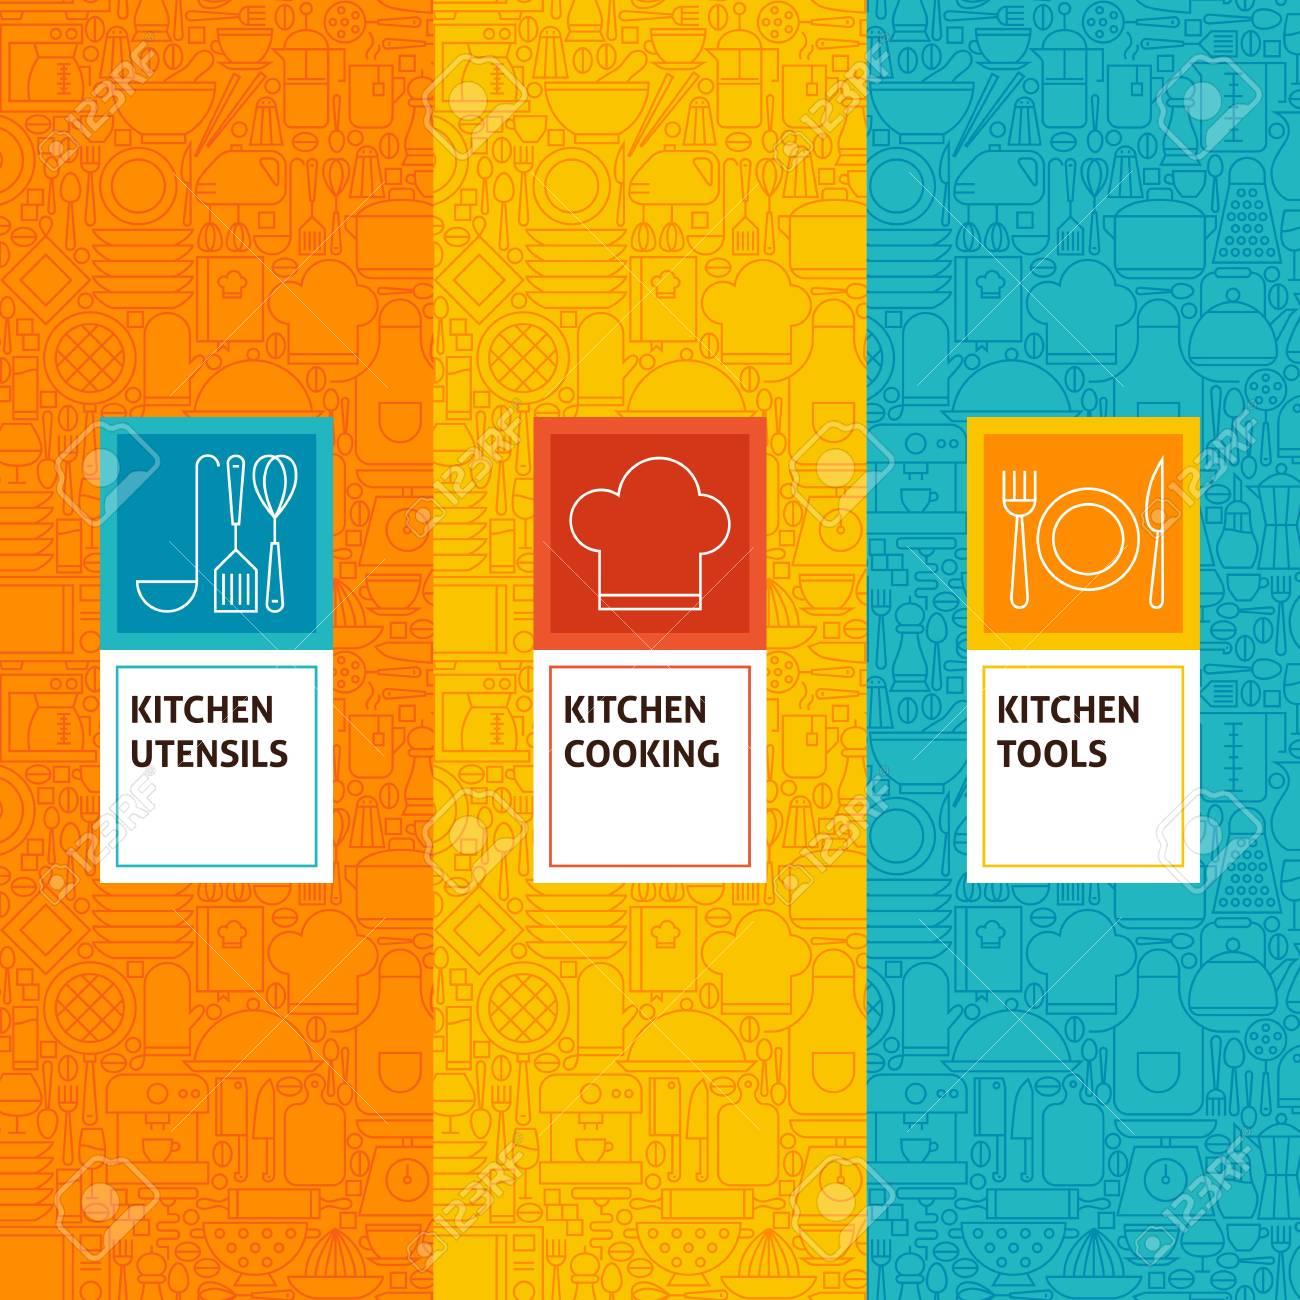 Los Patrones De Línea De Cocina La Cocina Del Conjunto. Ilustración ...